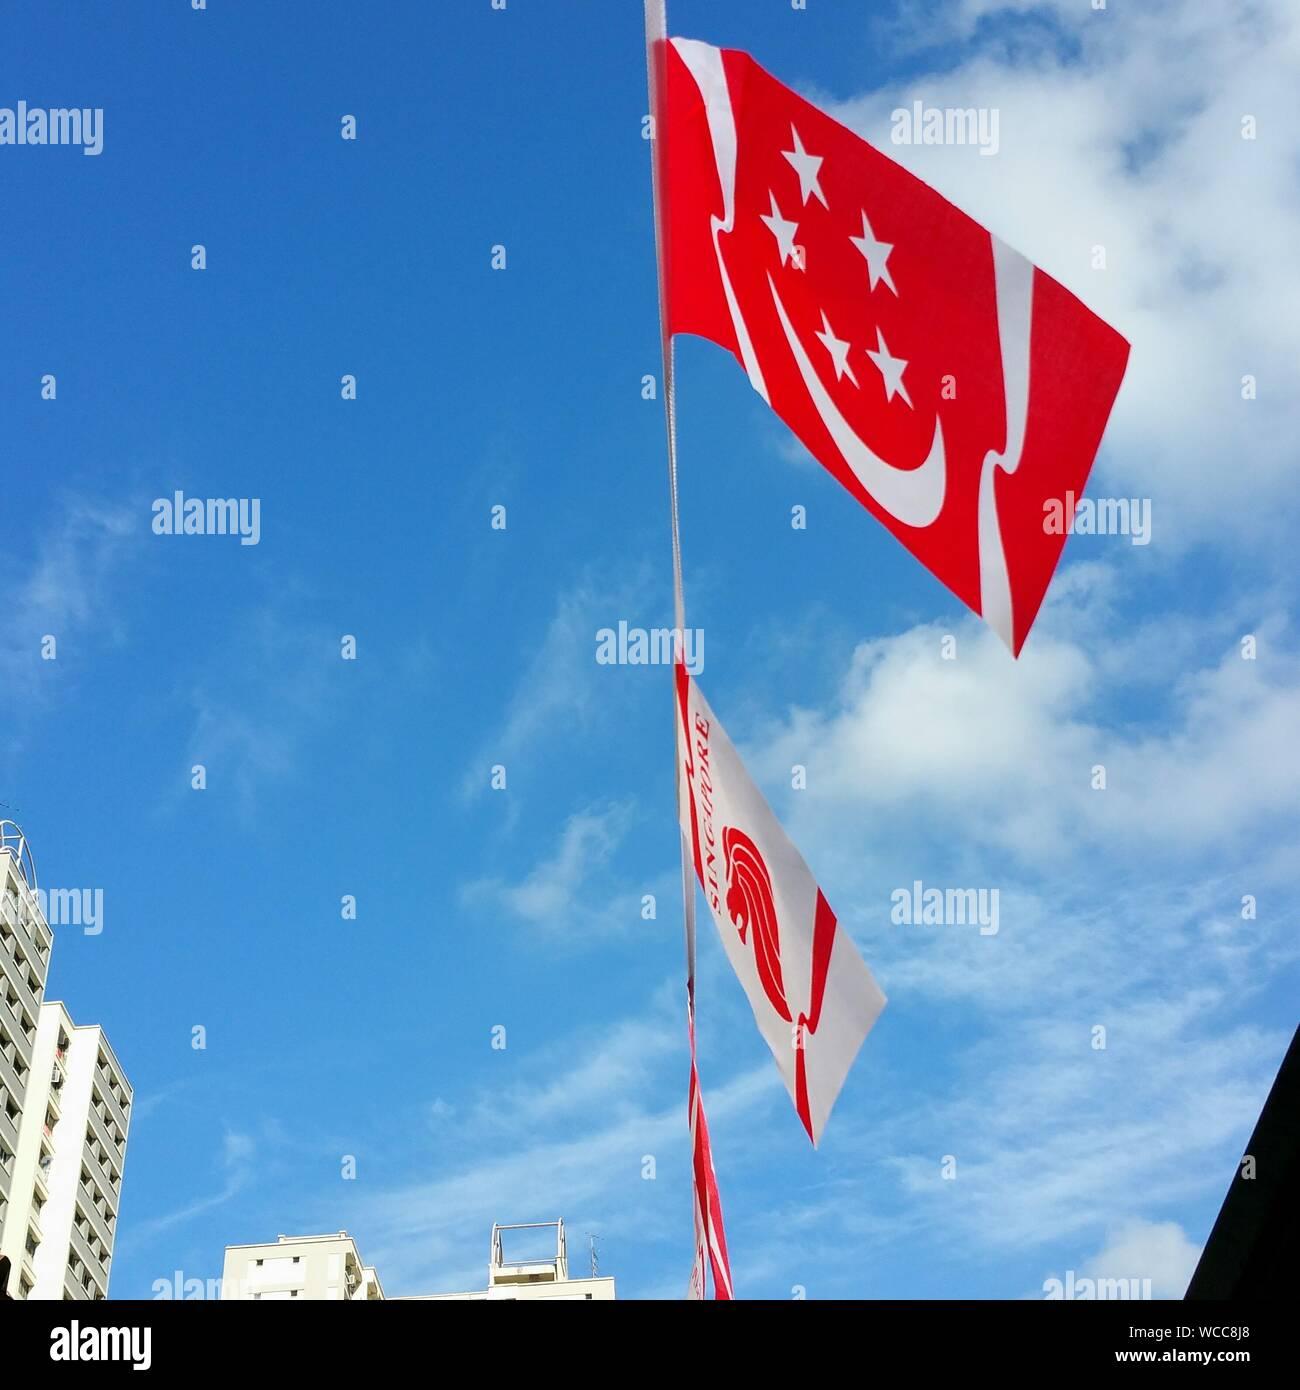 Low Angle View of Sky contre le drapeau de Singapour Banque D'Images